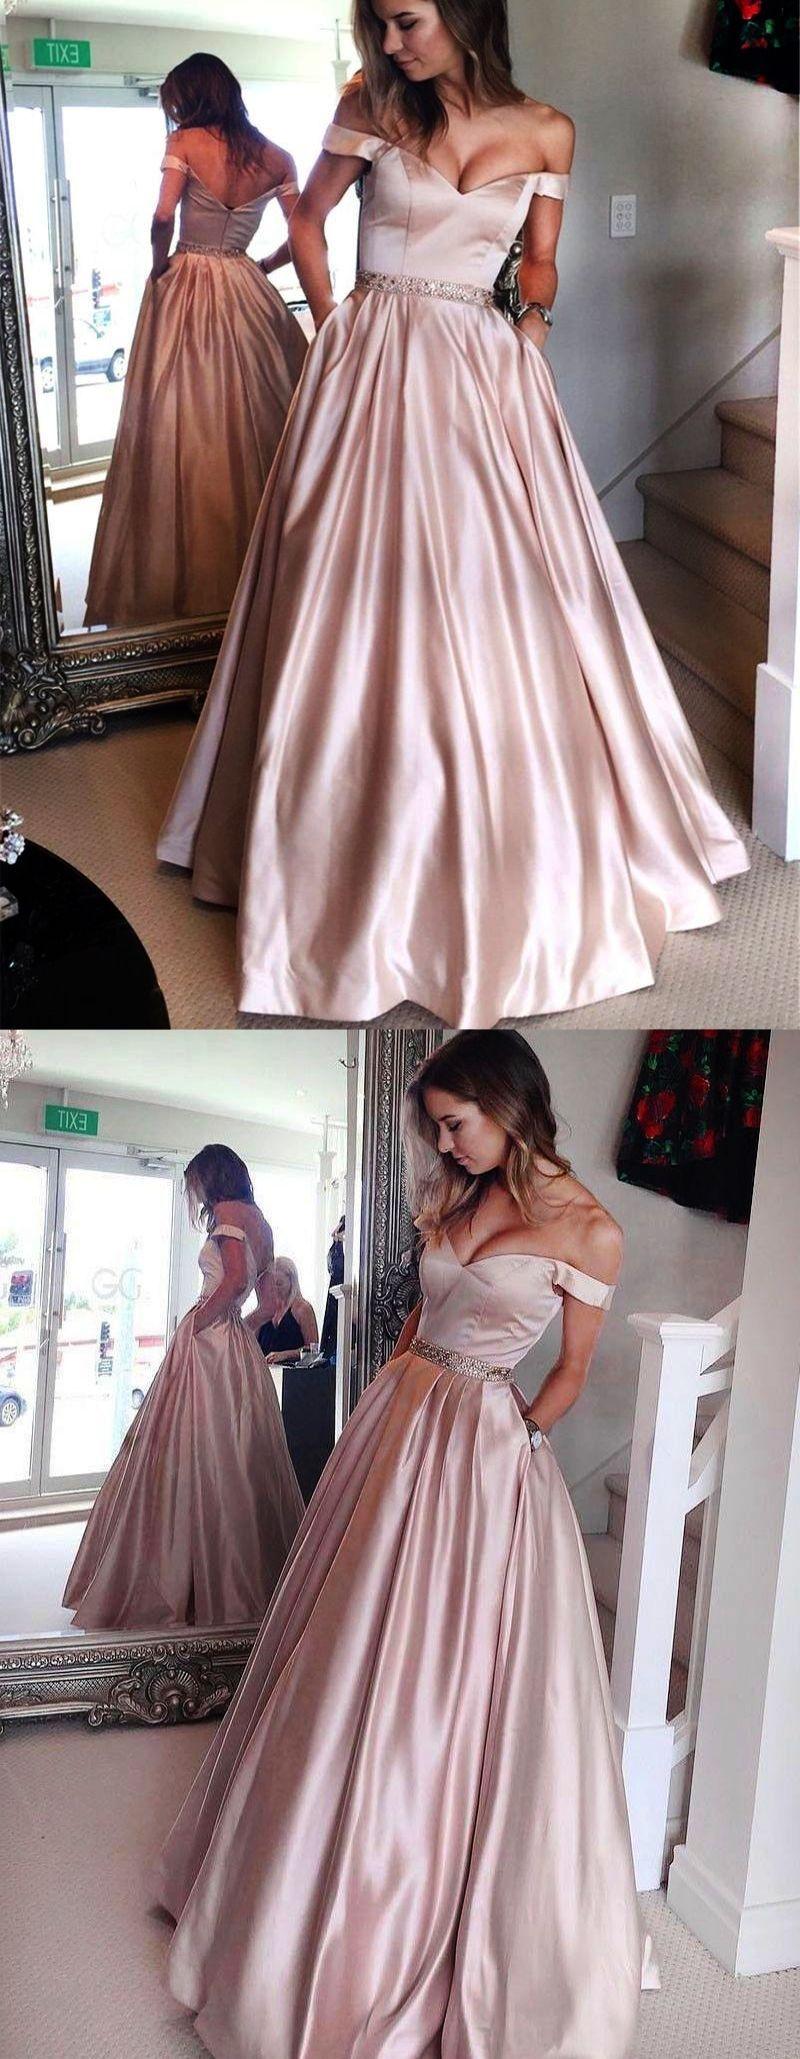 Short prom dresses with jordans long prom dress short girl prom